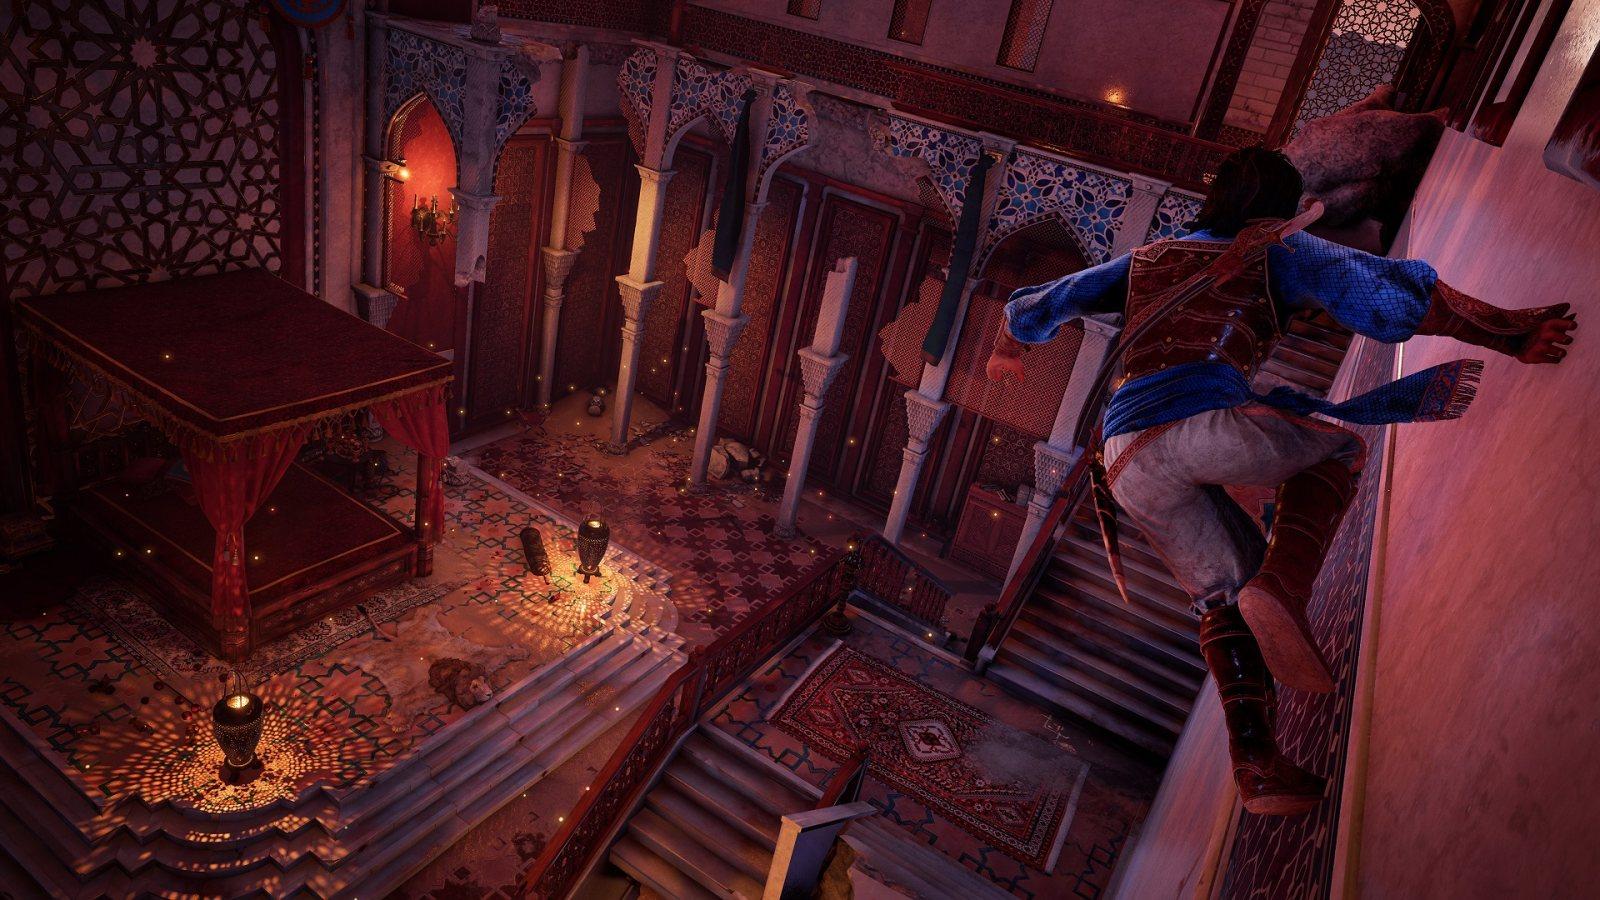 《波斯王子:时之沙》重制版公布,育碧Forward直播汇总